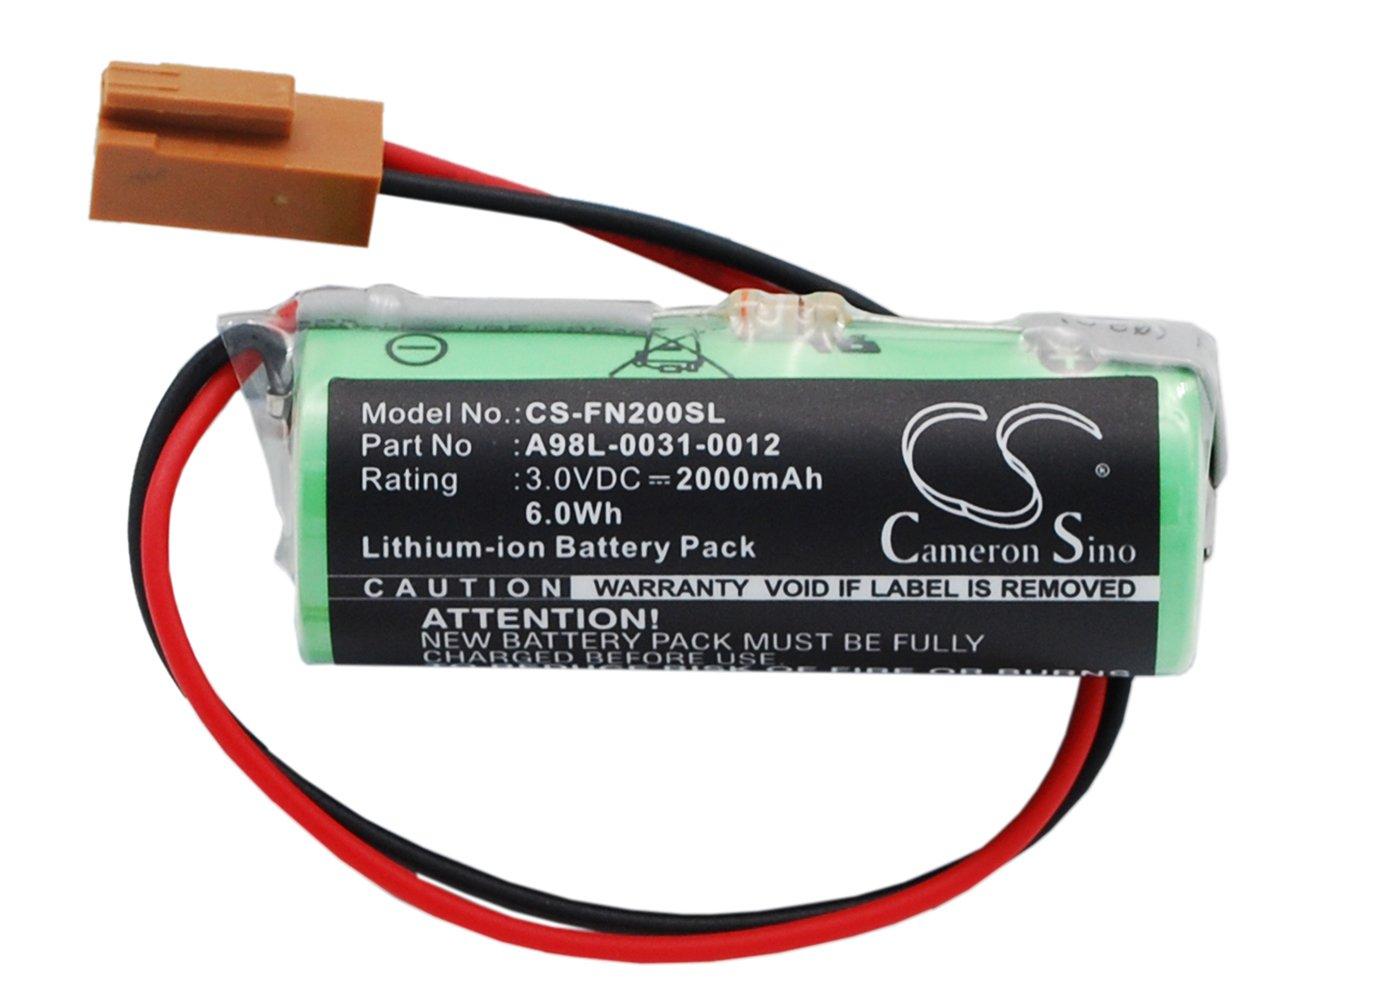 VINTRONS 2000mAh Battery for GE FANUC CNC 16i, FANUC CNC 18i,